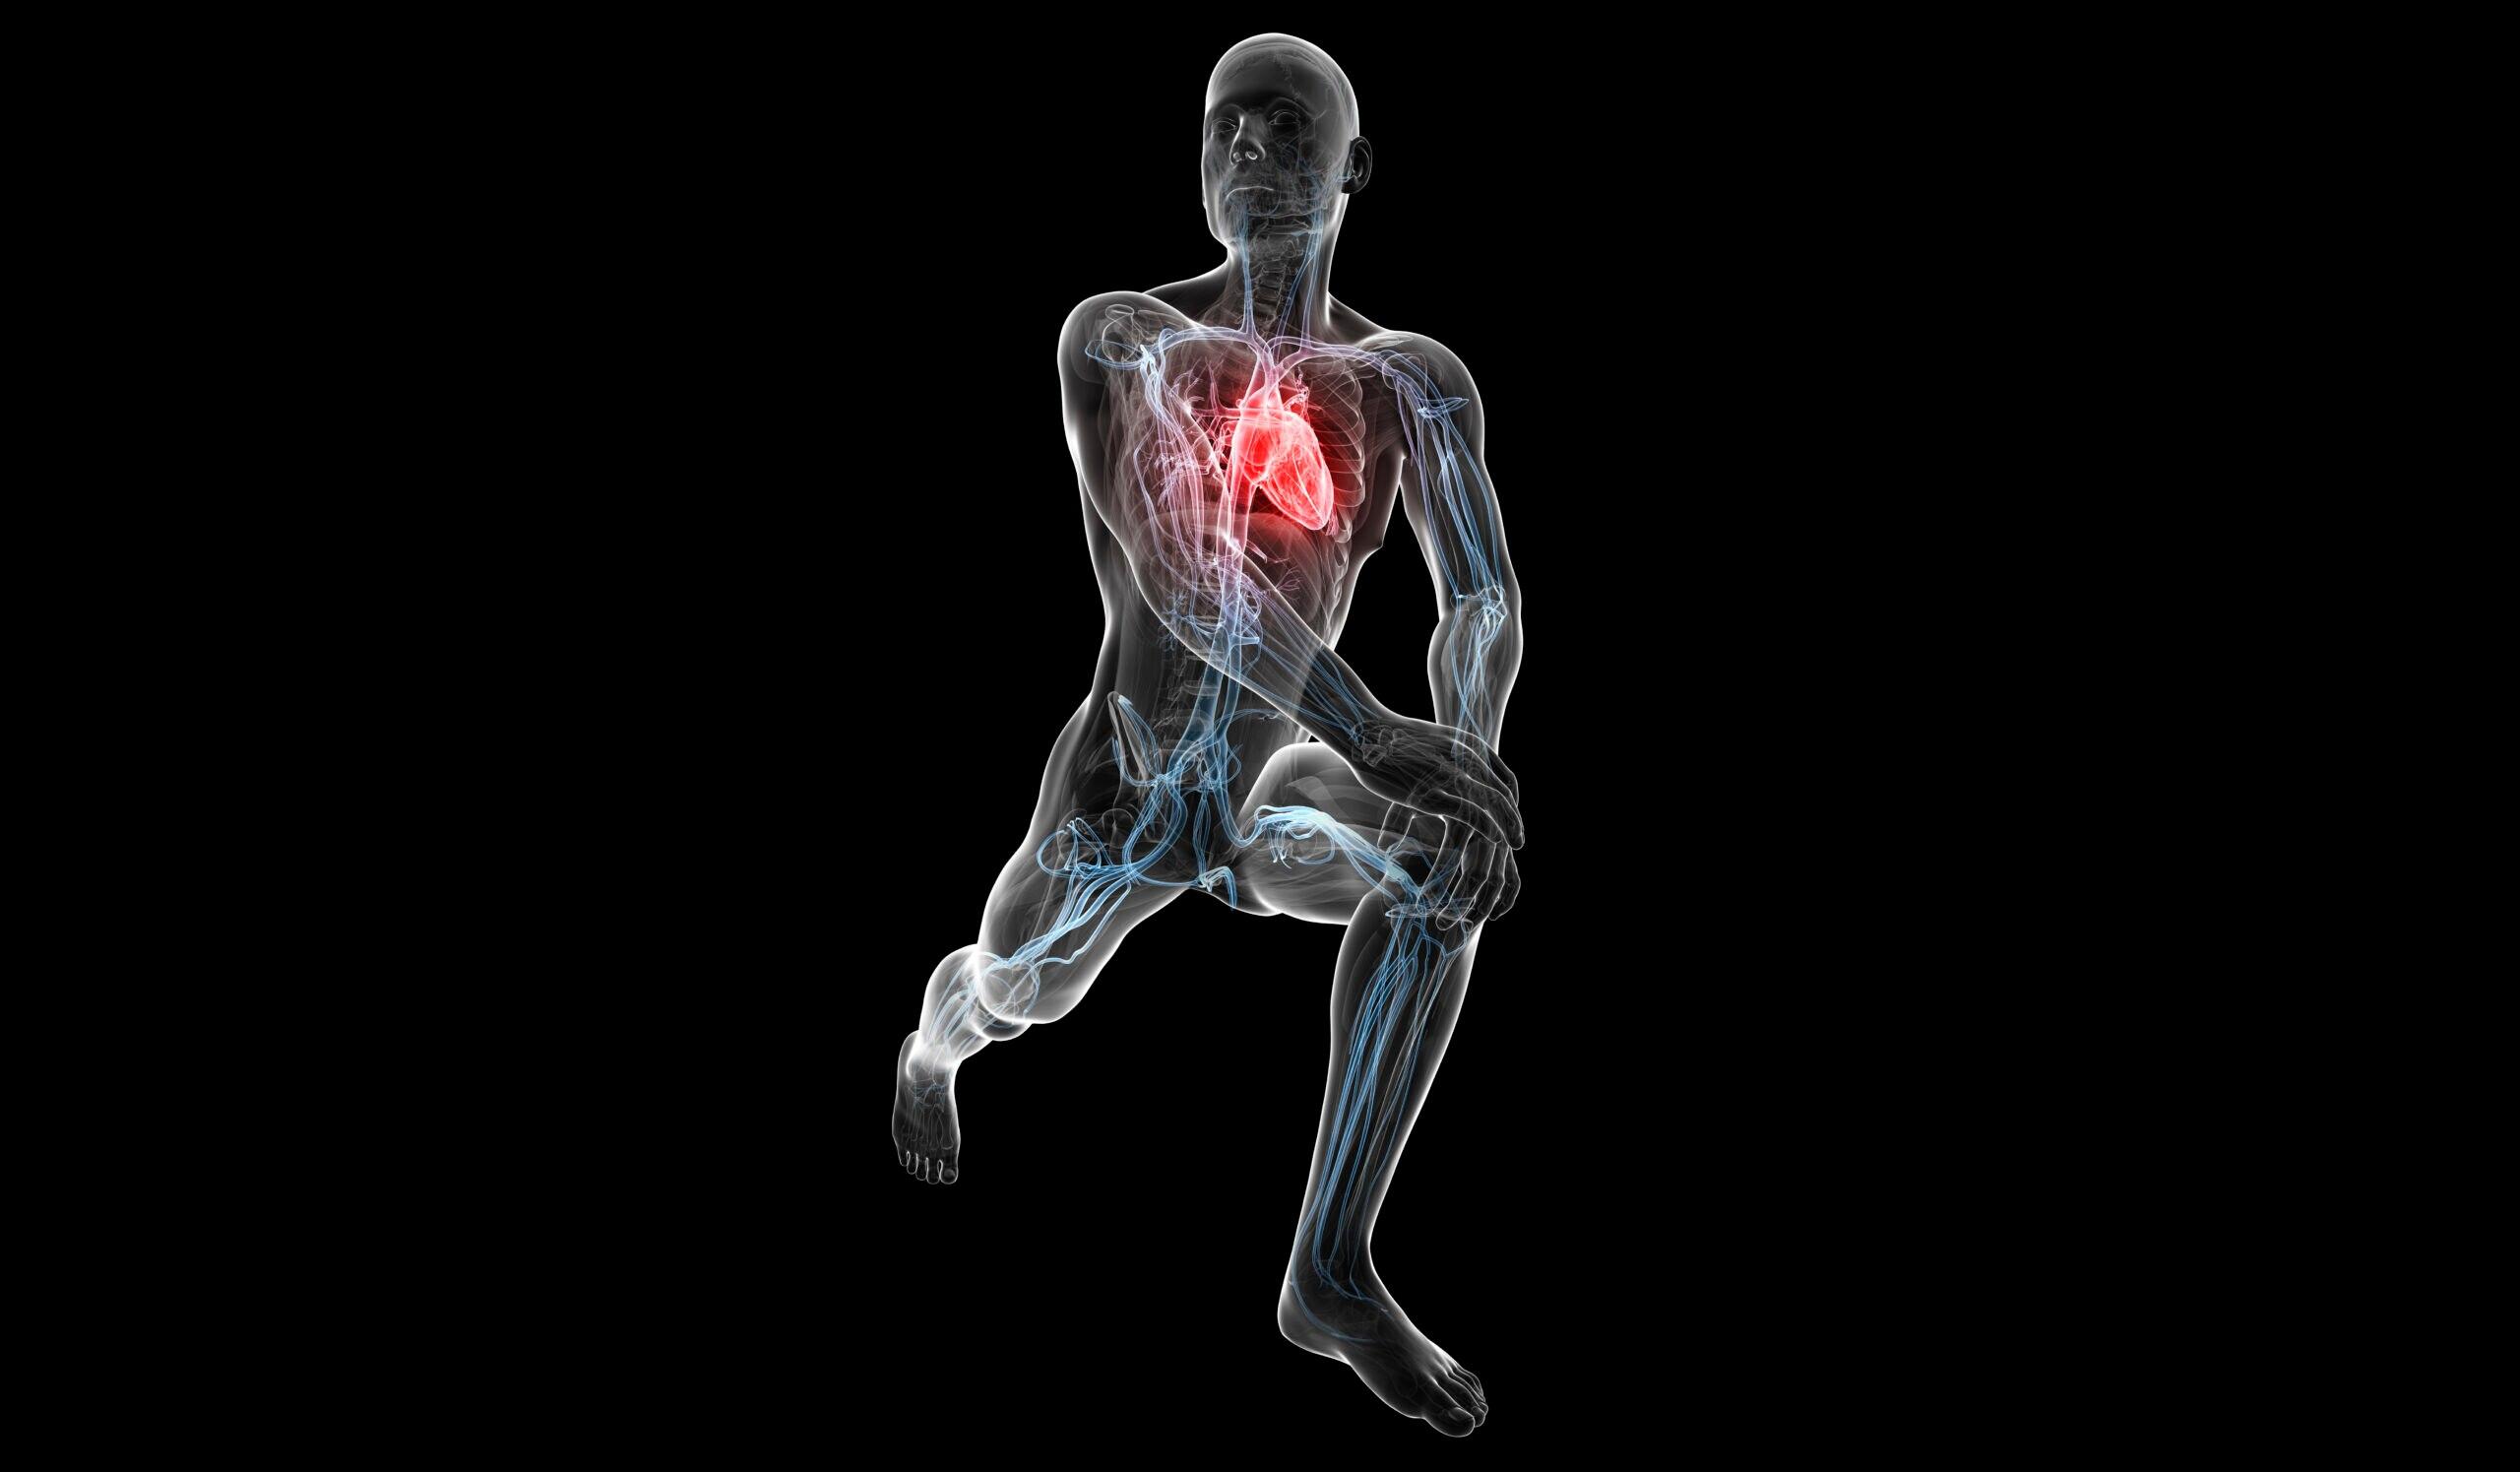 Blutdruck senken: Dehnen laut Studie effektiver als Gehen